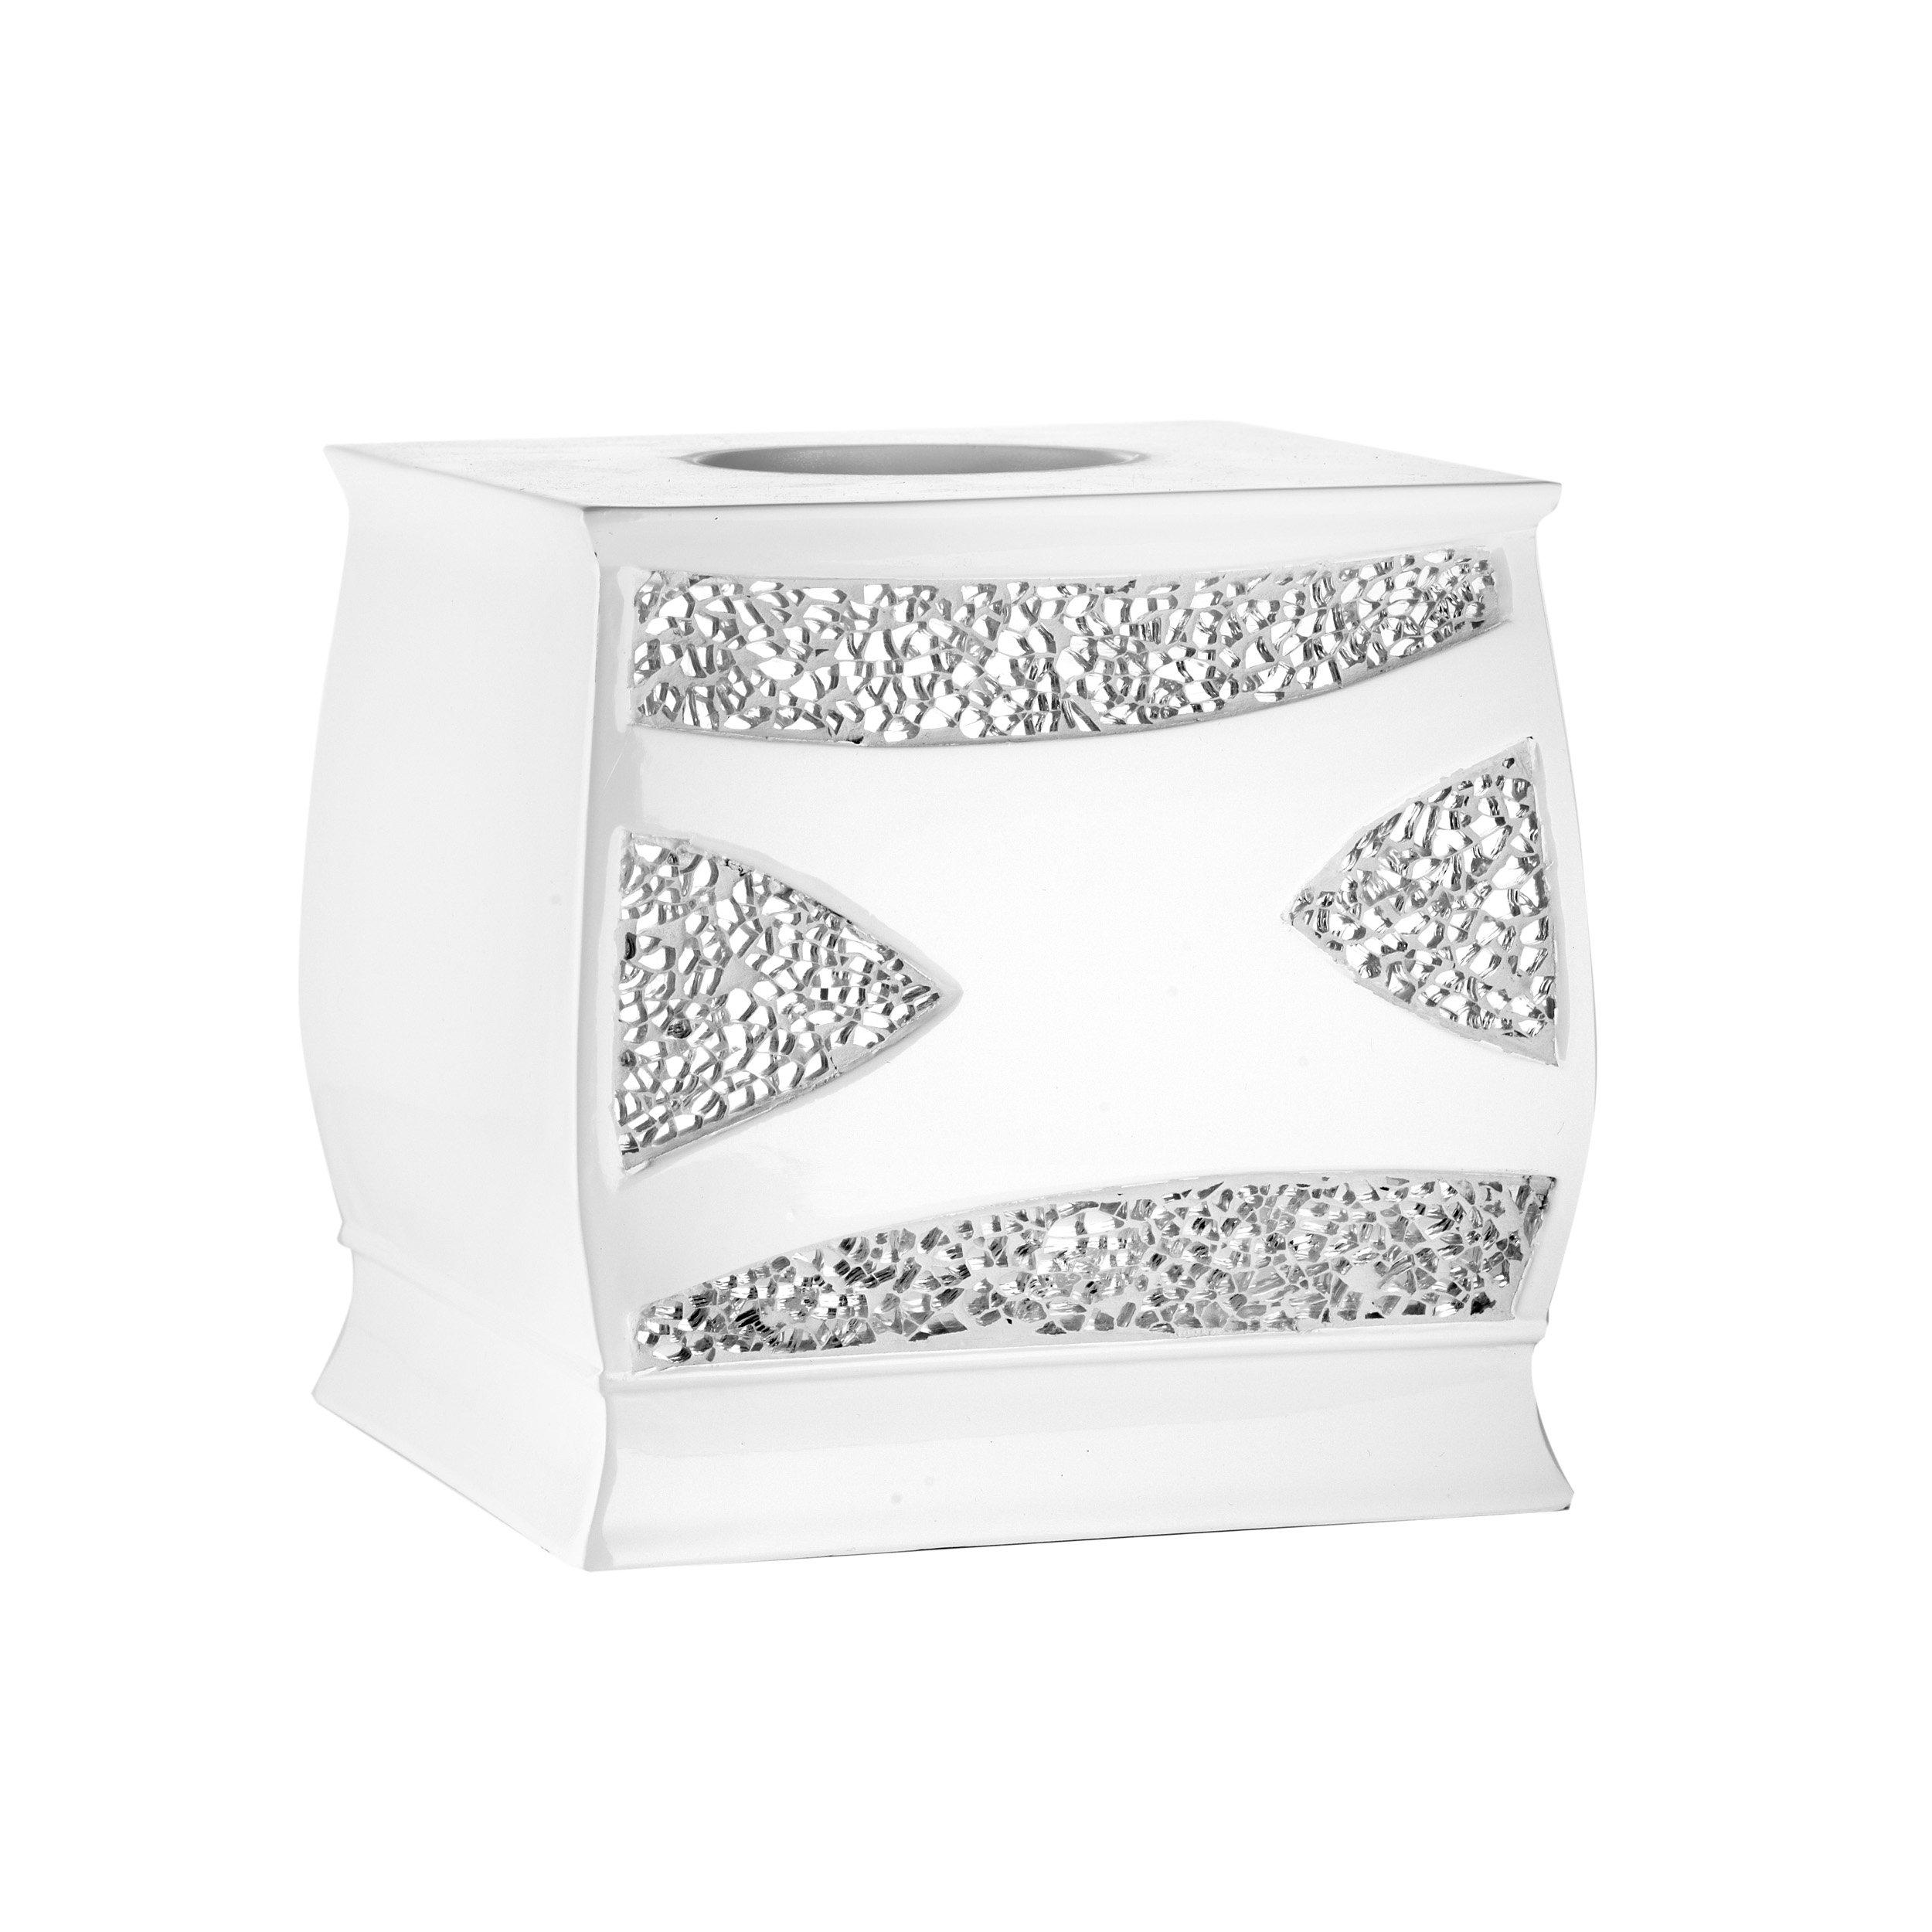 Popular Bath Tissue Box, Sinatra Collection, White